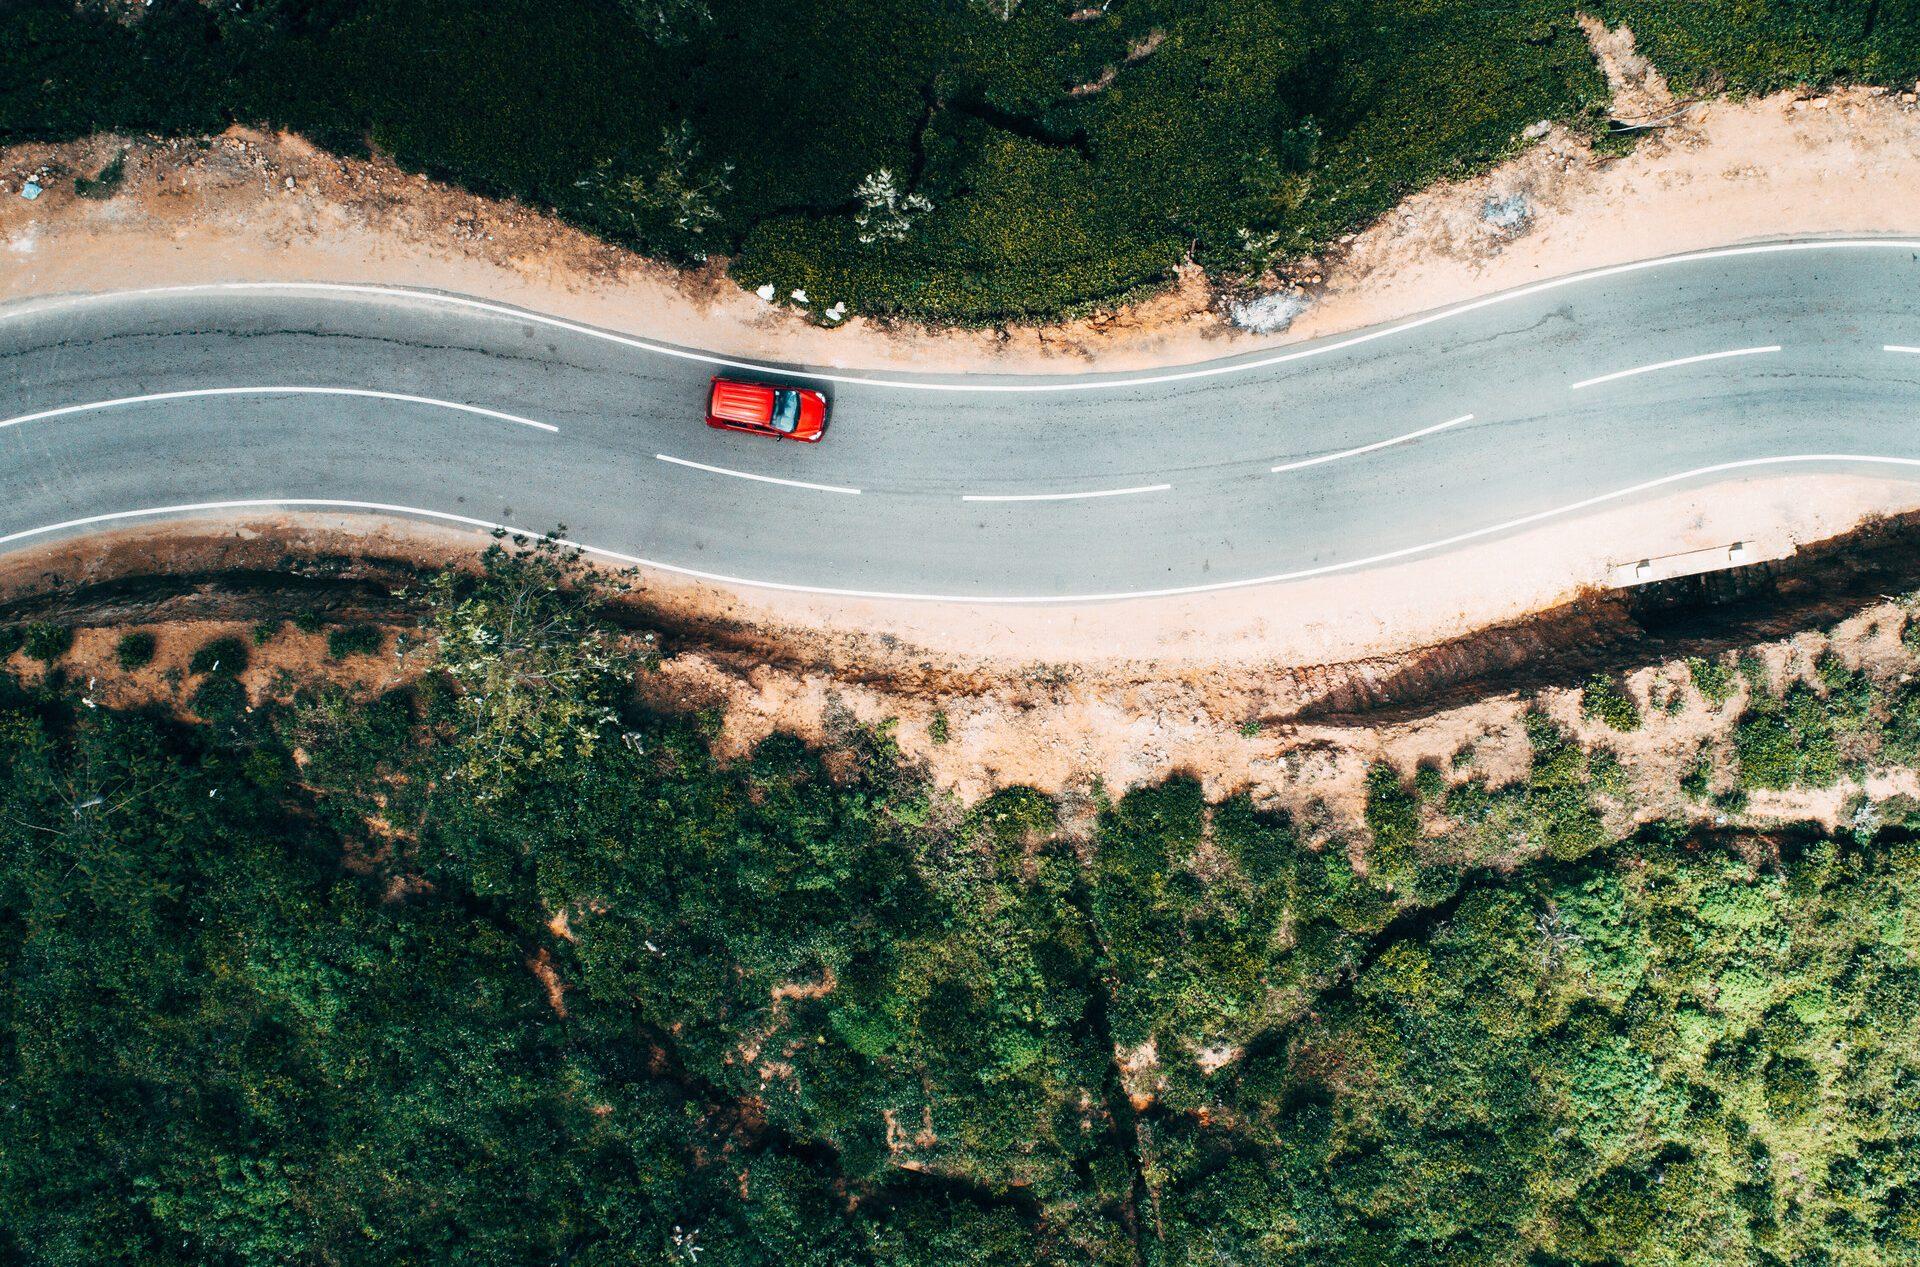 Luftbildaufnahme eines Autos auf einer malerischen Straße